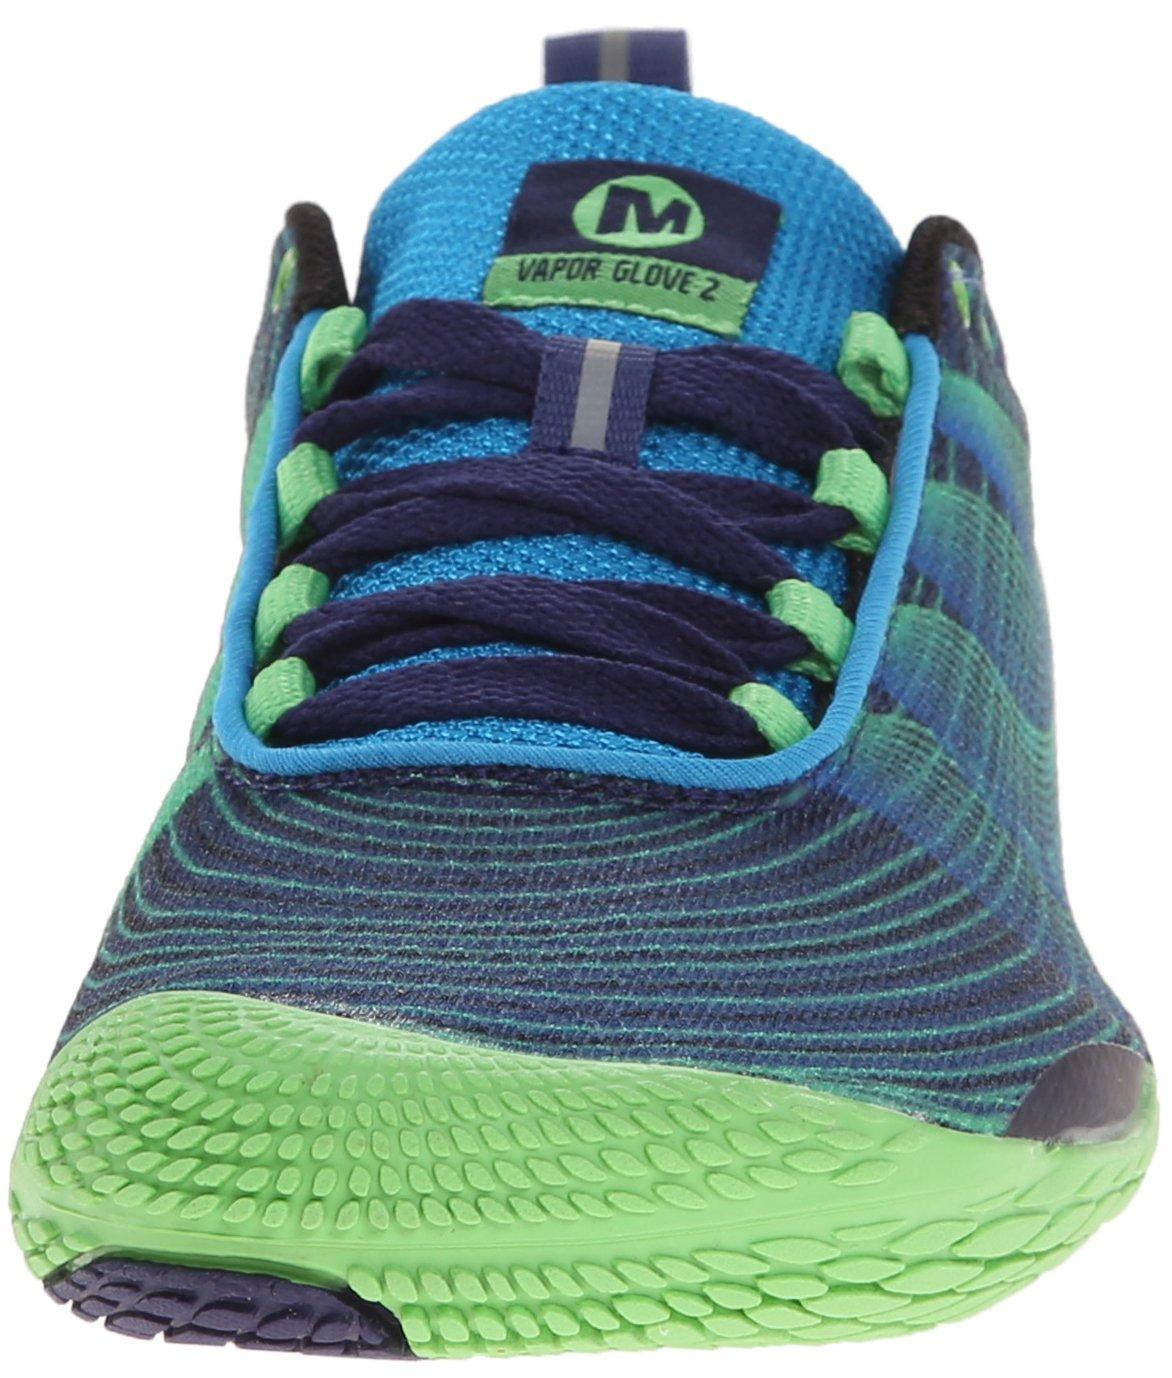 Merrell Men's Vapor Glove 2 Trail Running Shoe, Racer Blue/Bright Green, 9.5 M US by Merrell (Image #4)